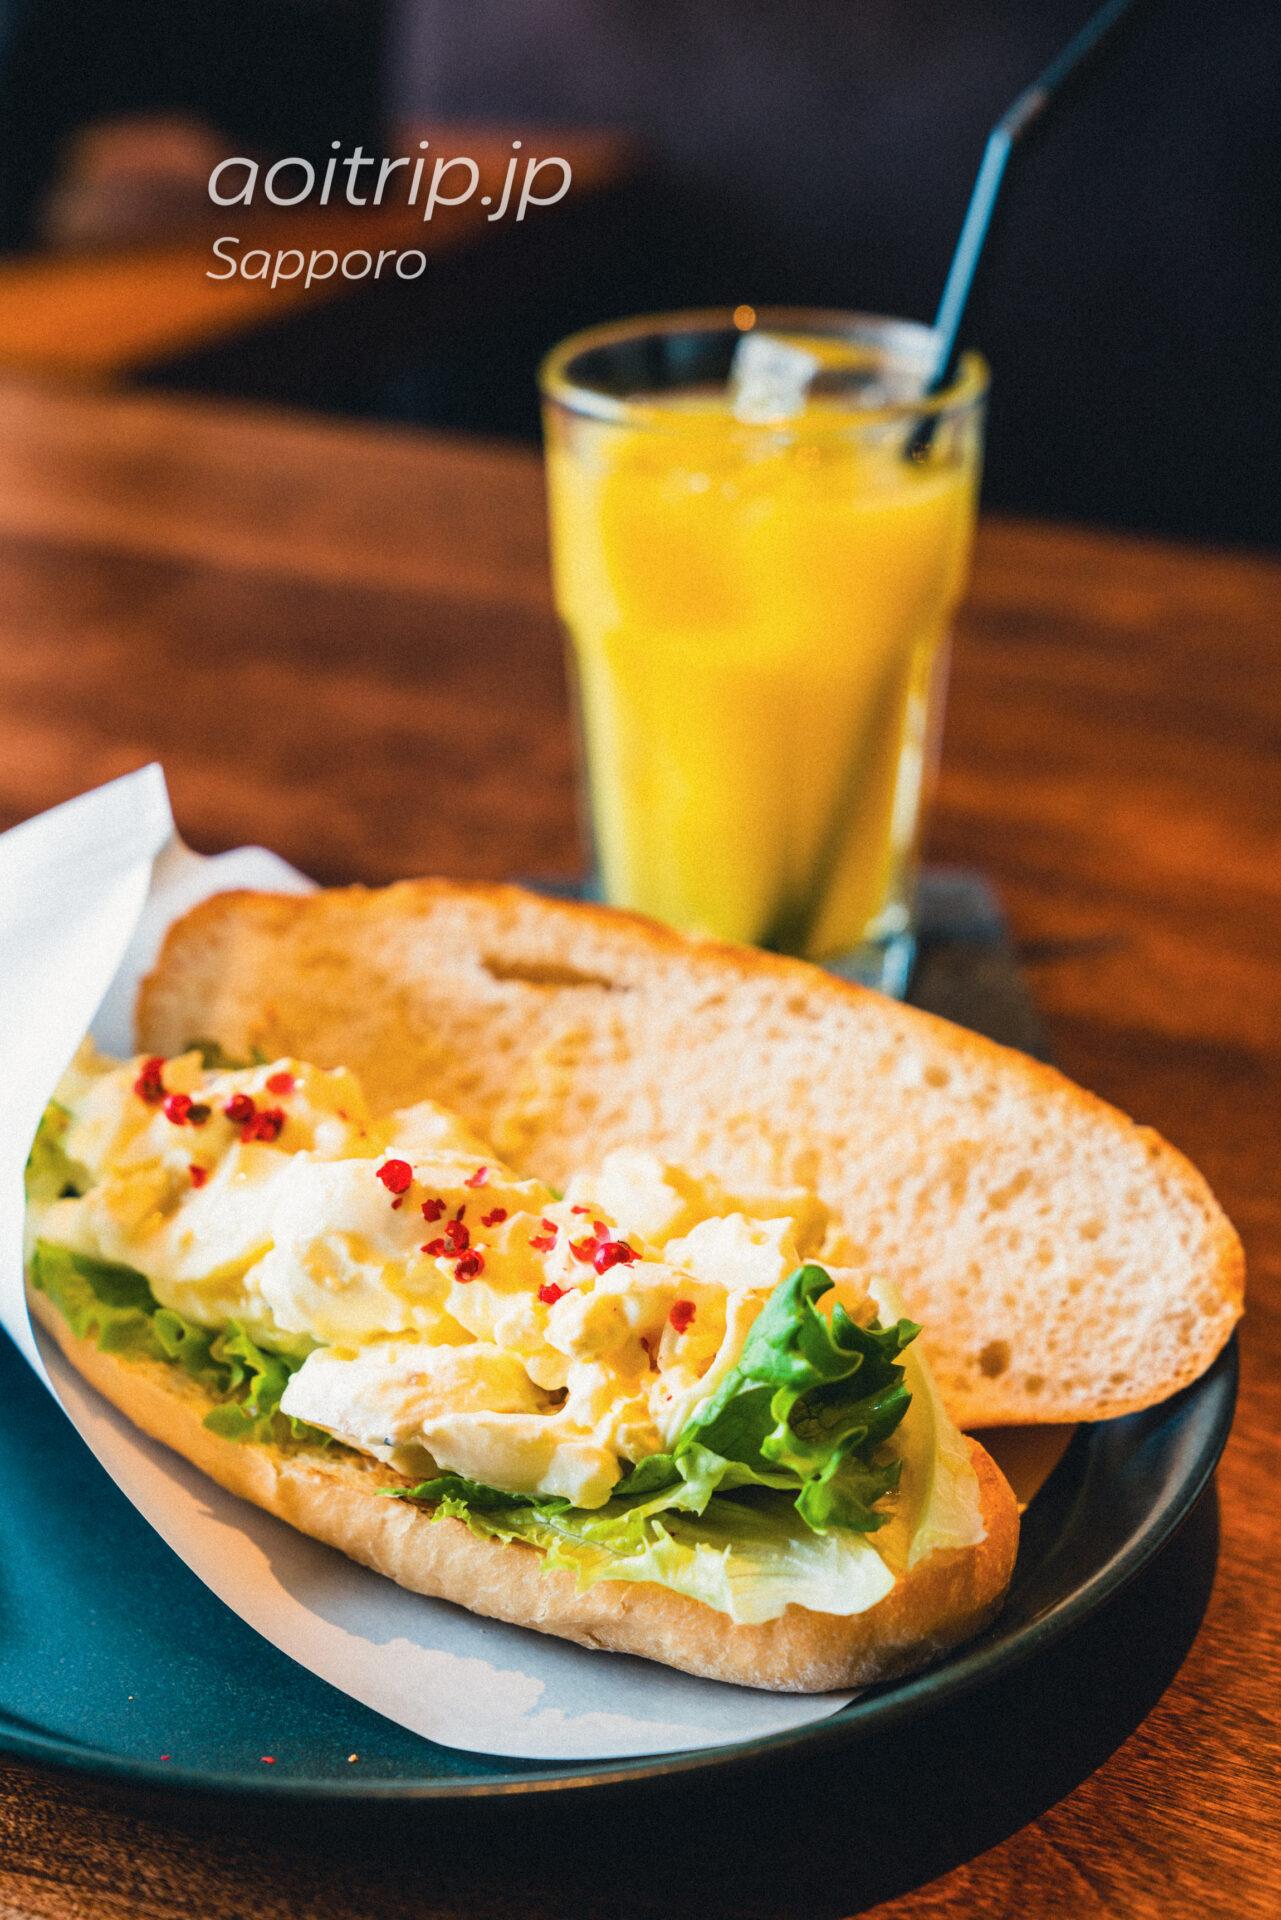 札幌のカフェ FAbULOUS(ファビュラス)ランチセット ファビュラスサンド プレミアムエッグ